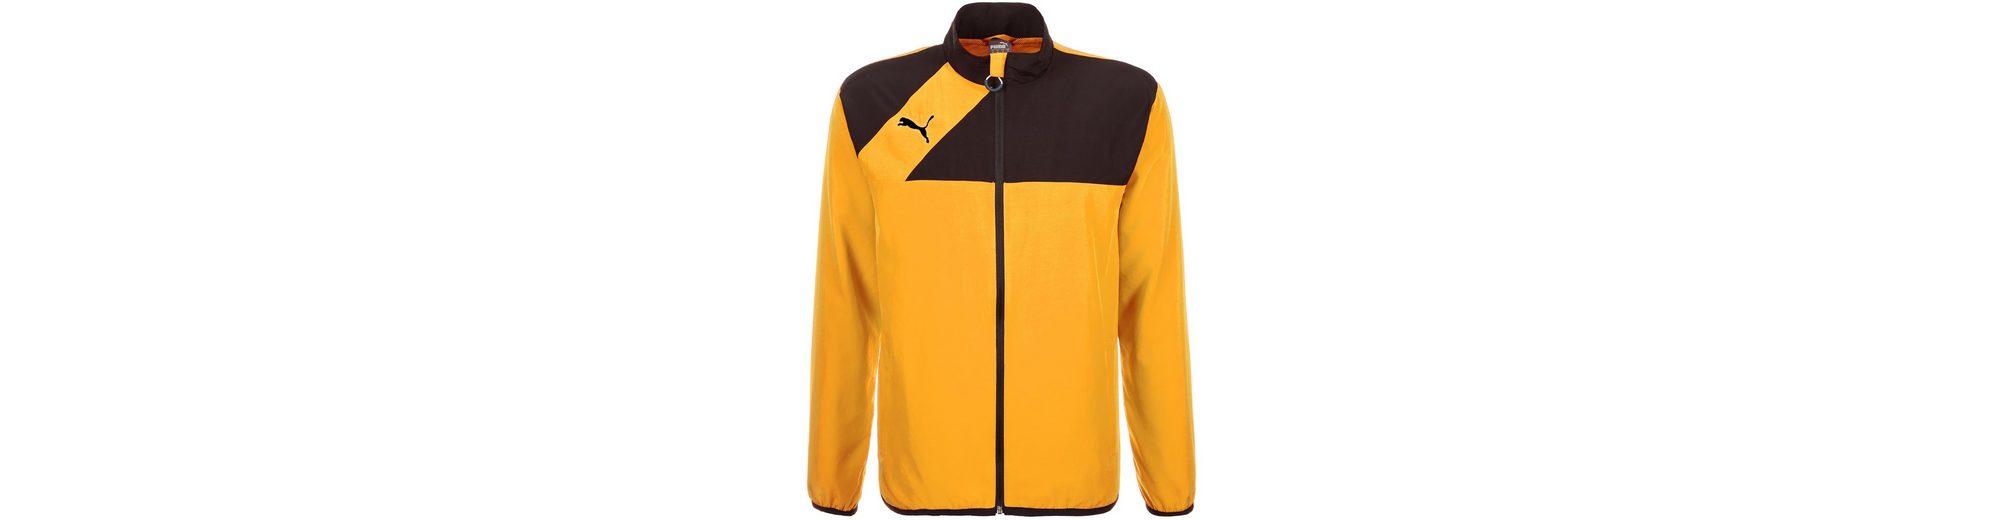 PUMA Esquadra Woven Trainingsjacke Herren Billig Große Überraschung Verkauf Günstiger Preis Verkauf Authentisch Empfehlen Zum Verkauf 4elCsI